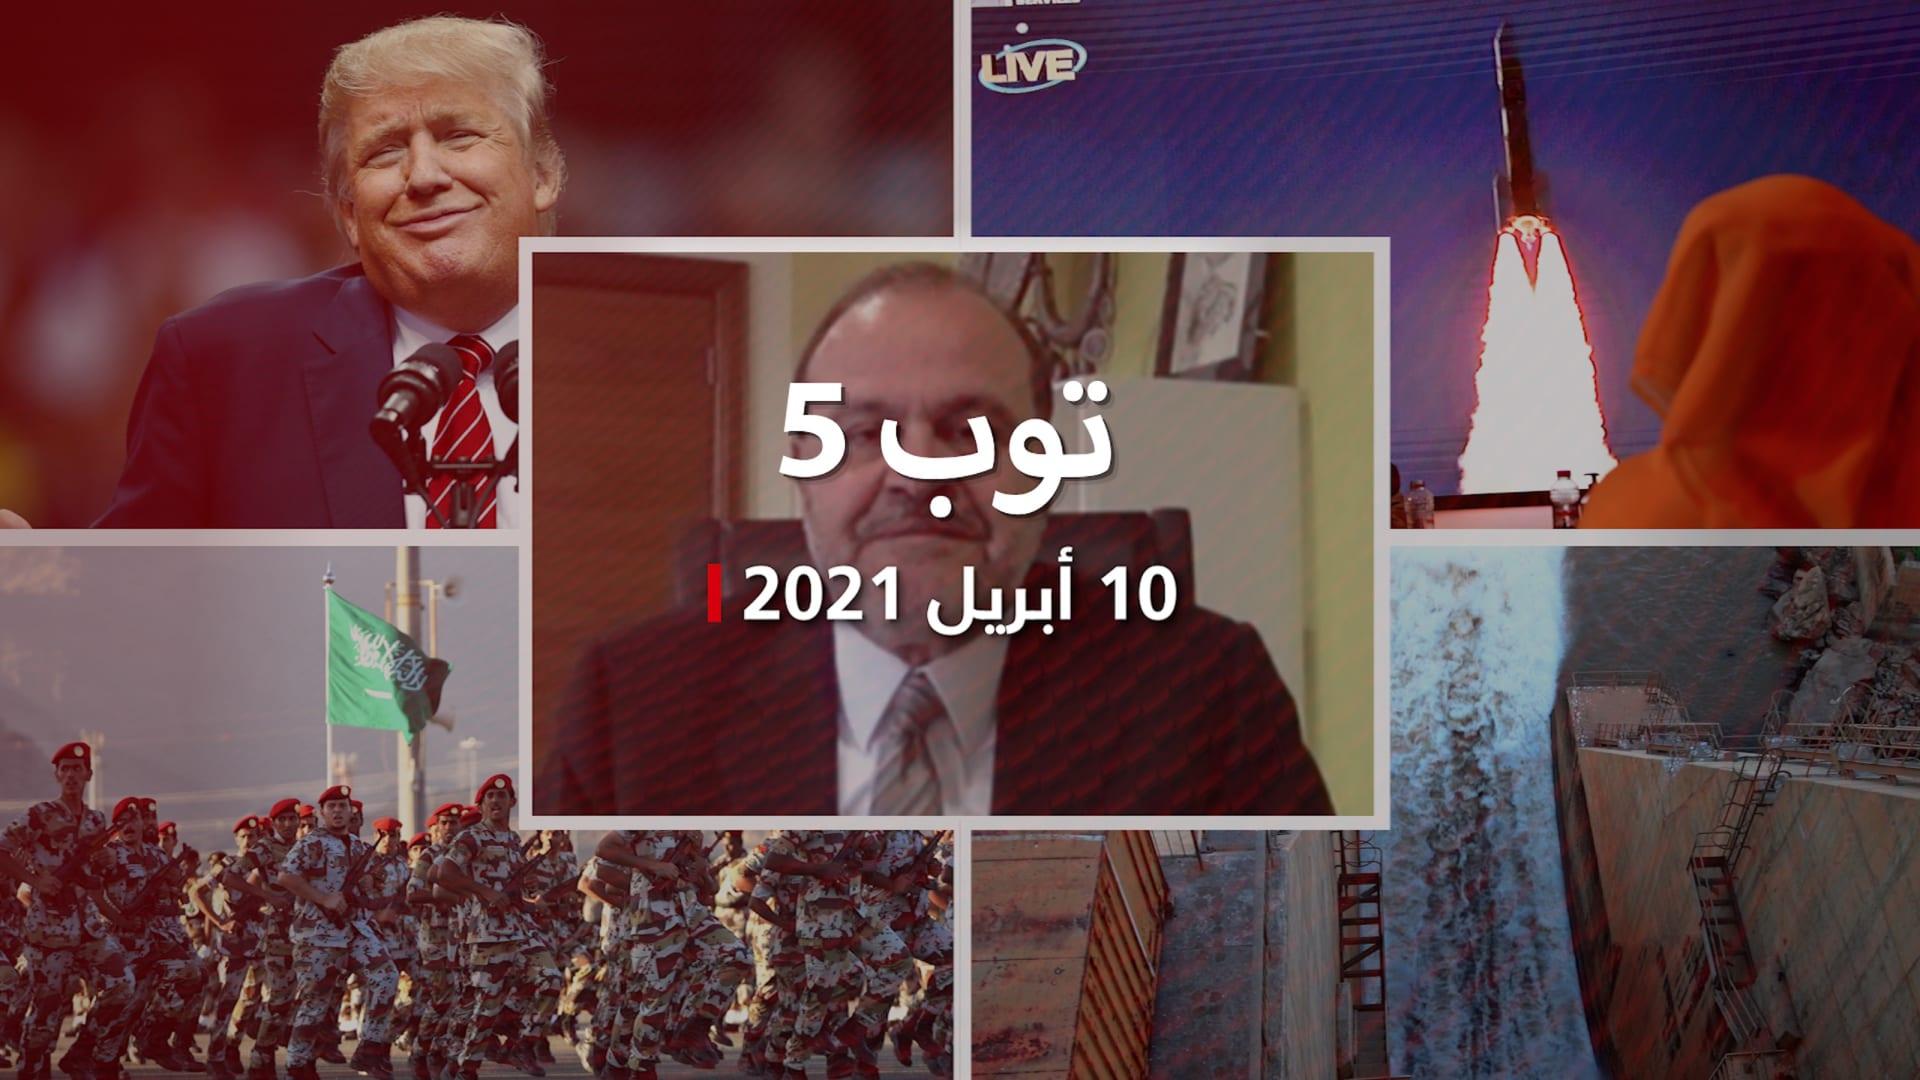 توب 5: الإمارات تختار أول رائدة فضاء عربية.. والسودان يستعد لملء سد النهضة